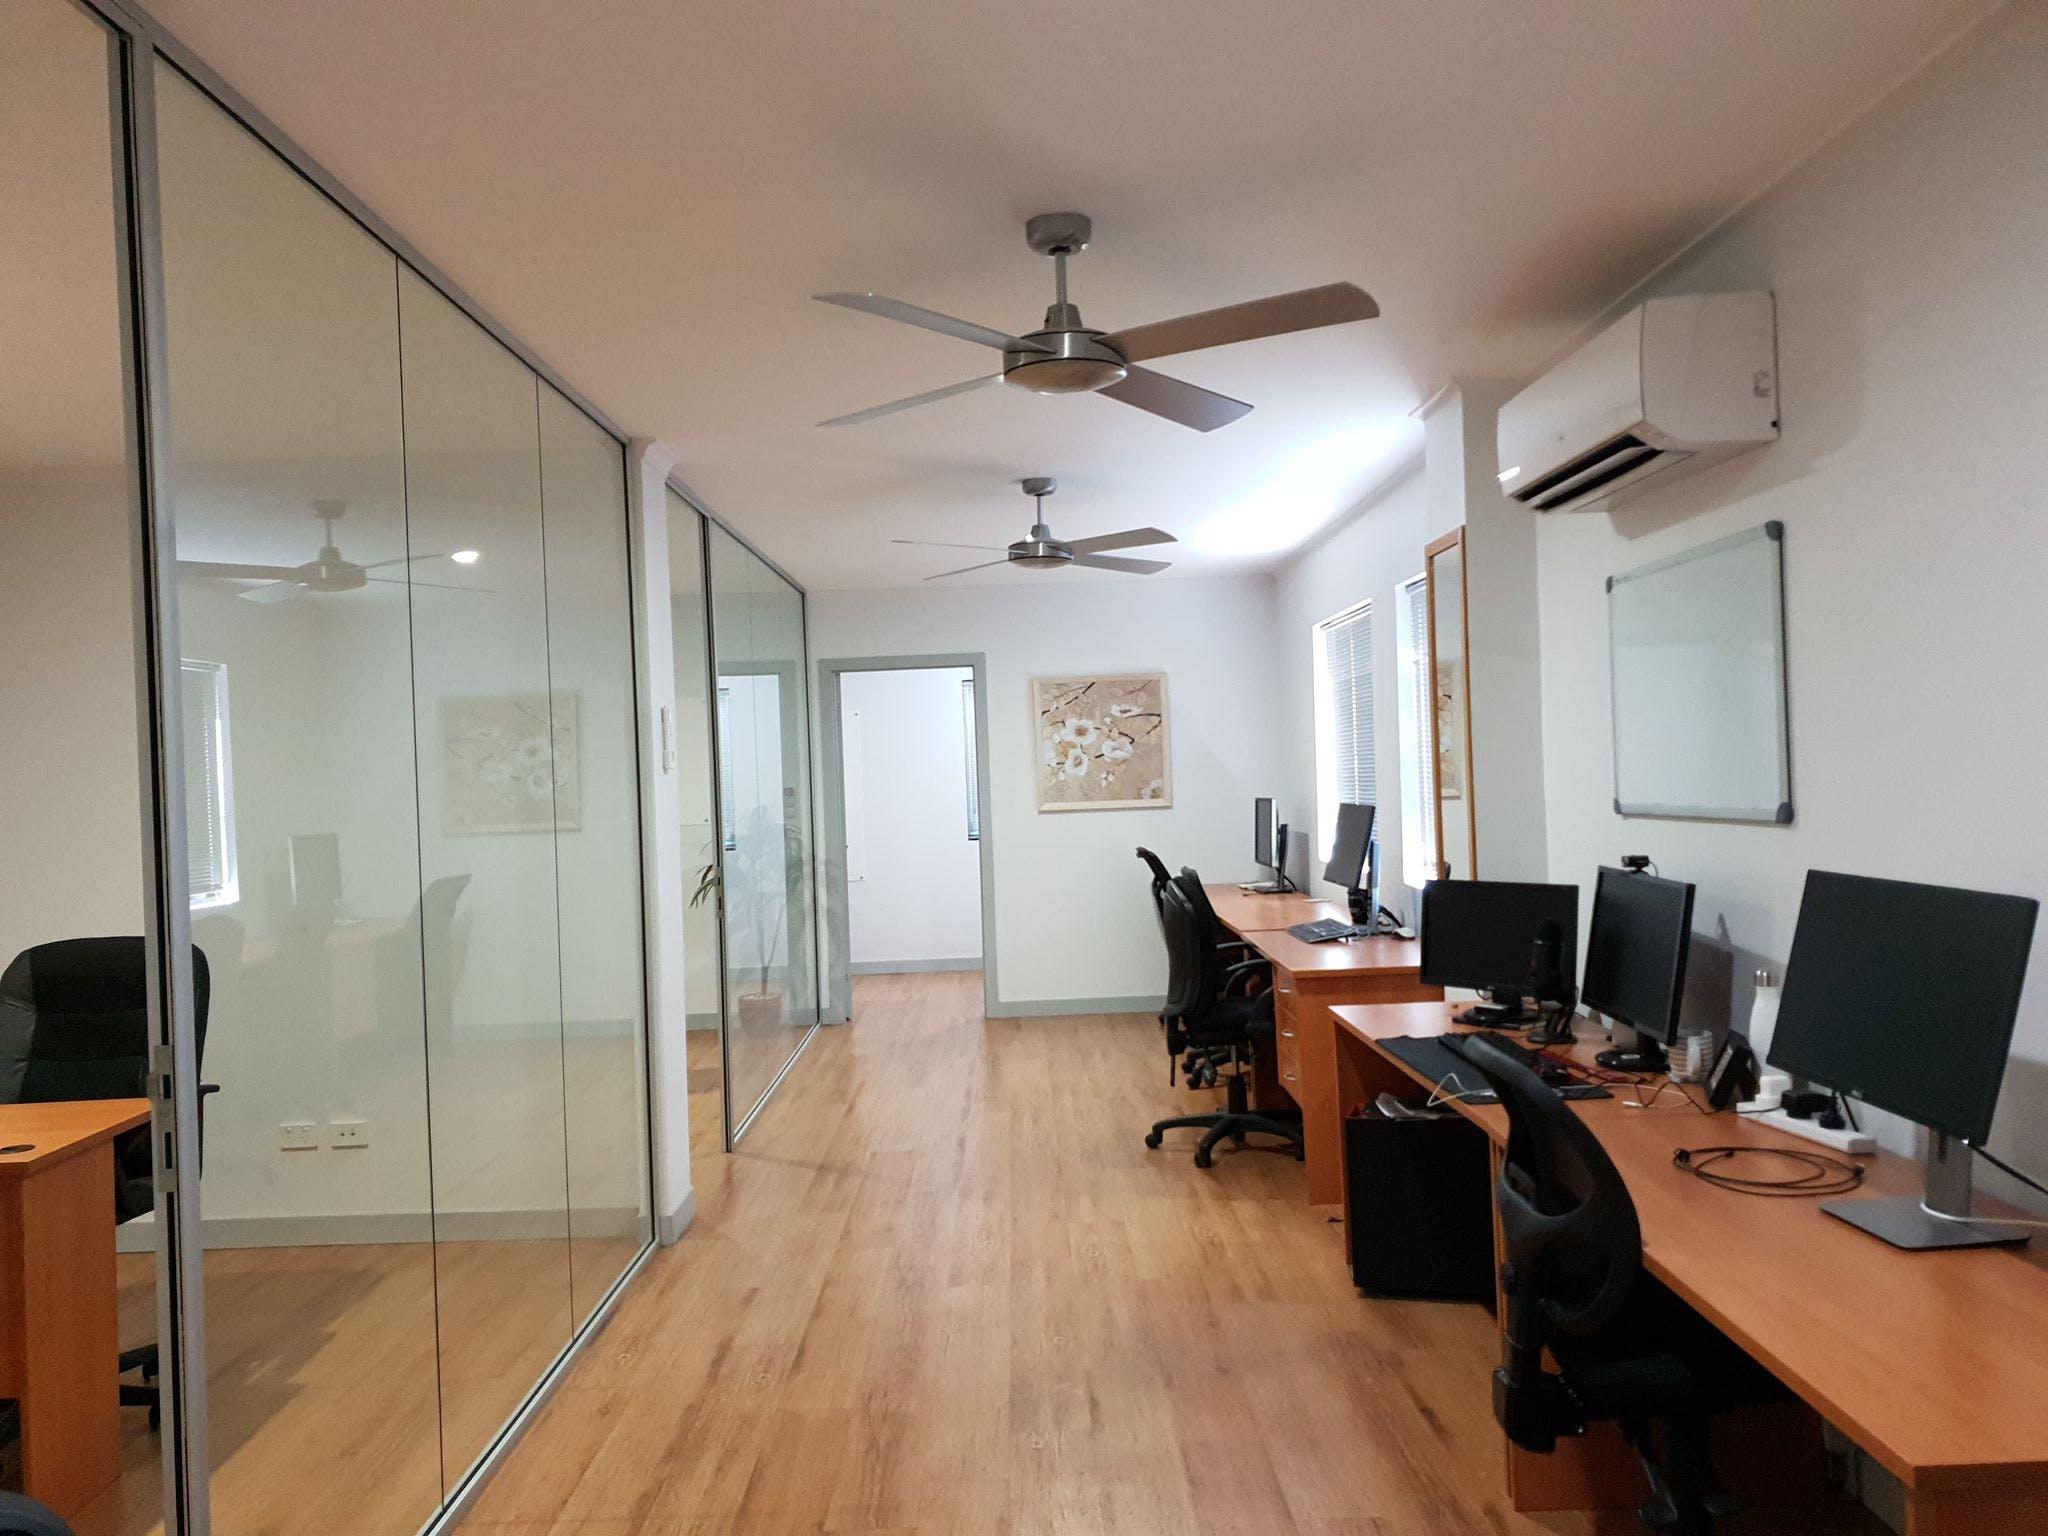 Hot desk at Buderim Hot Desks, image 1